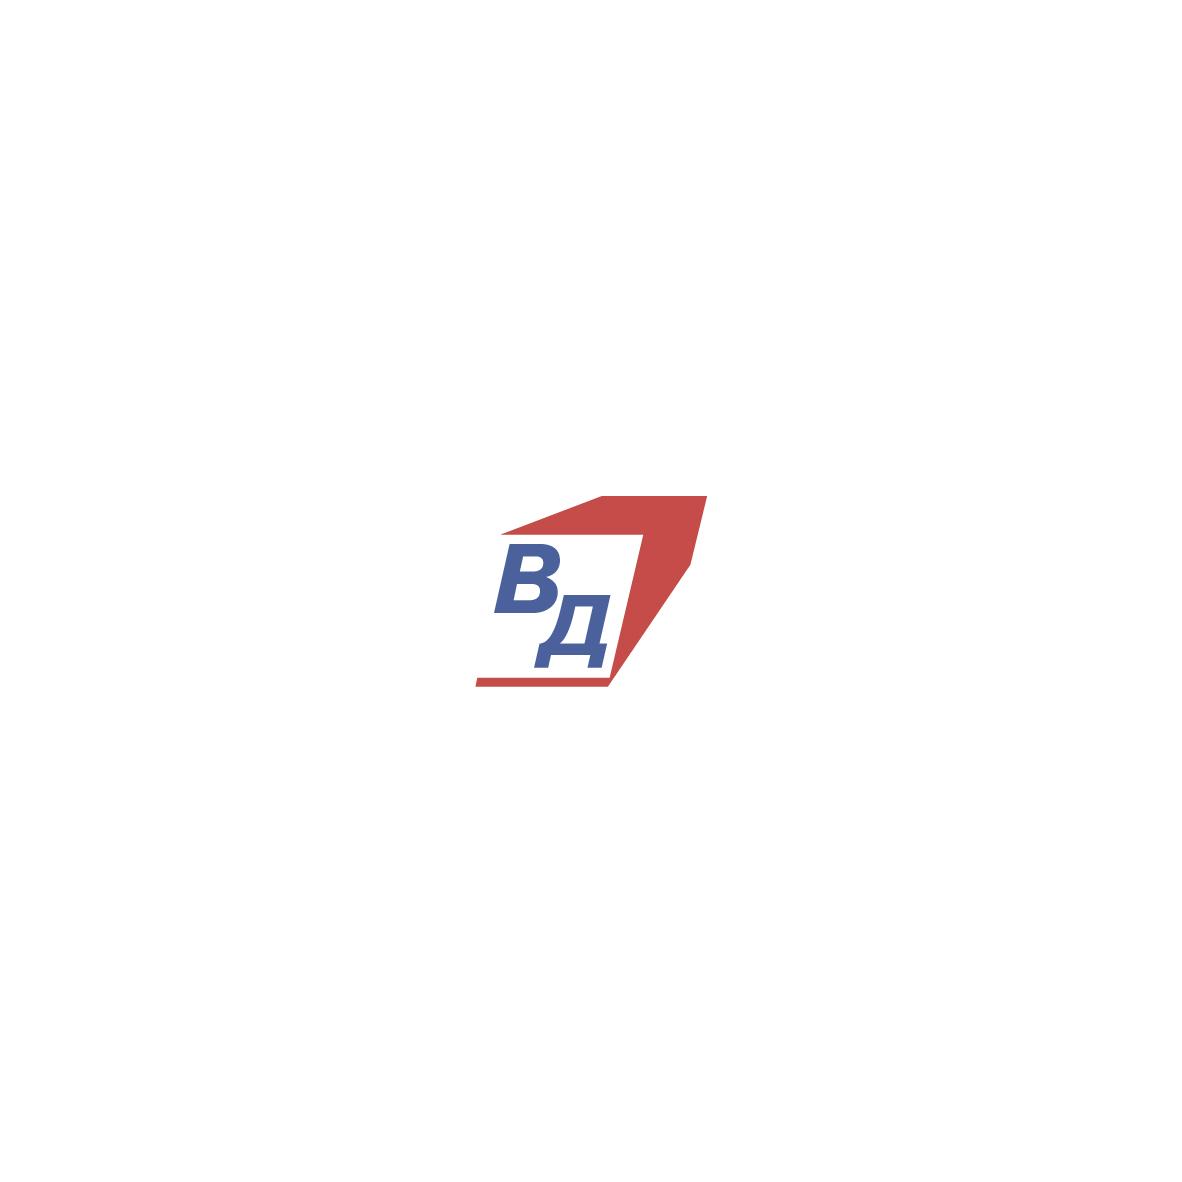 Разработка логотипа фото f_9985c2a4a53d2b79.jpg